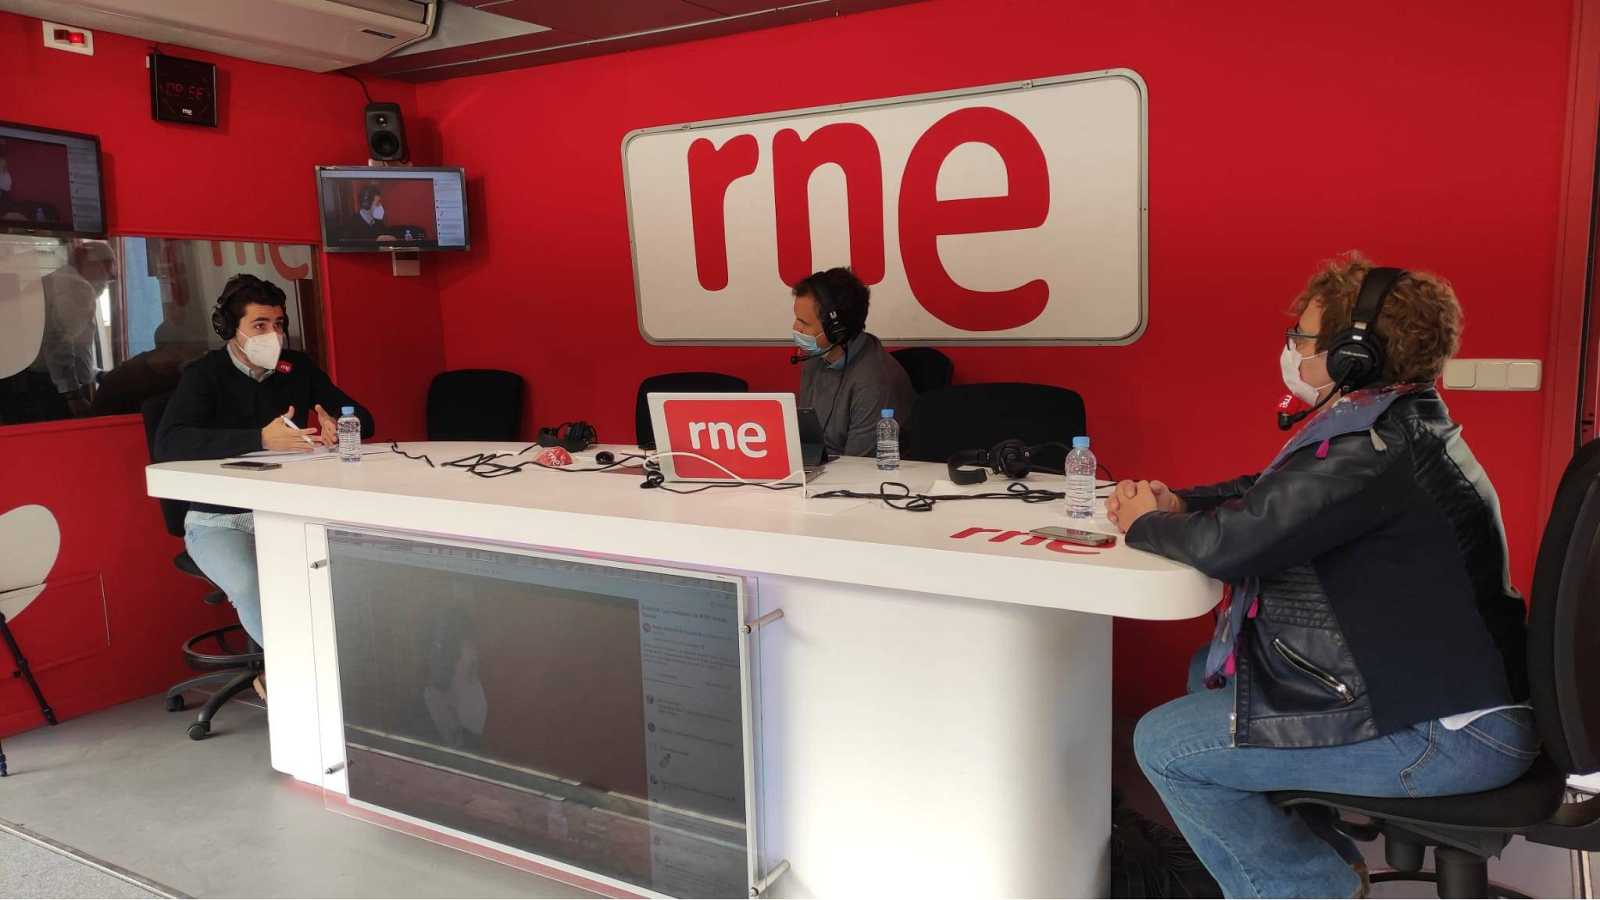 Las mañanas de RNE con Íñigo Alfonso - Los retos de Castilla - La Mancha: oportunidades para los jóvenes y mejores servicios - Escuchar ahora